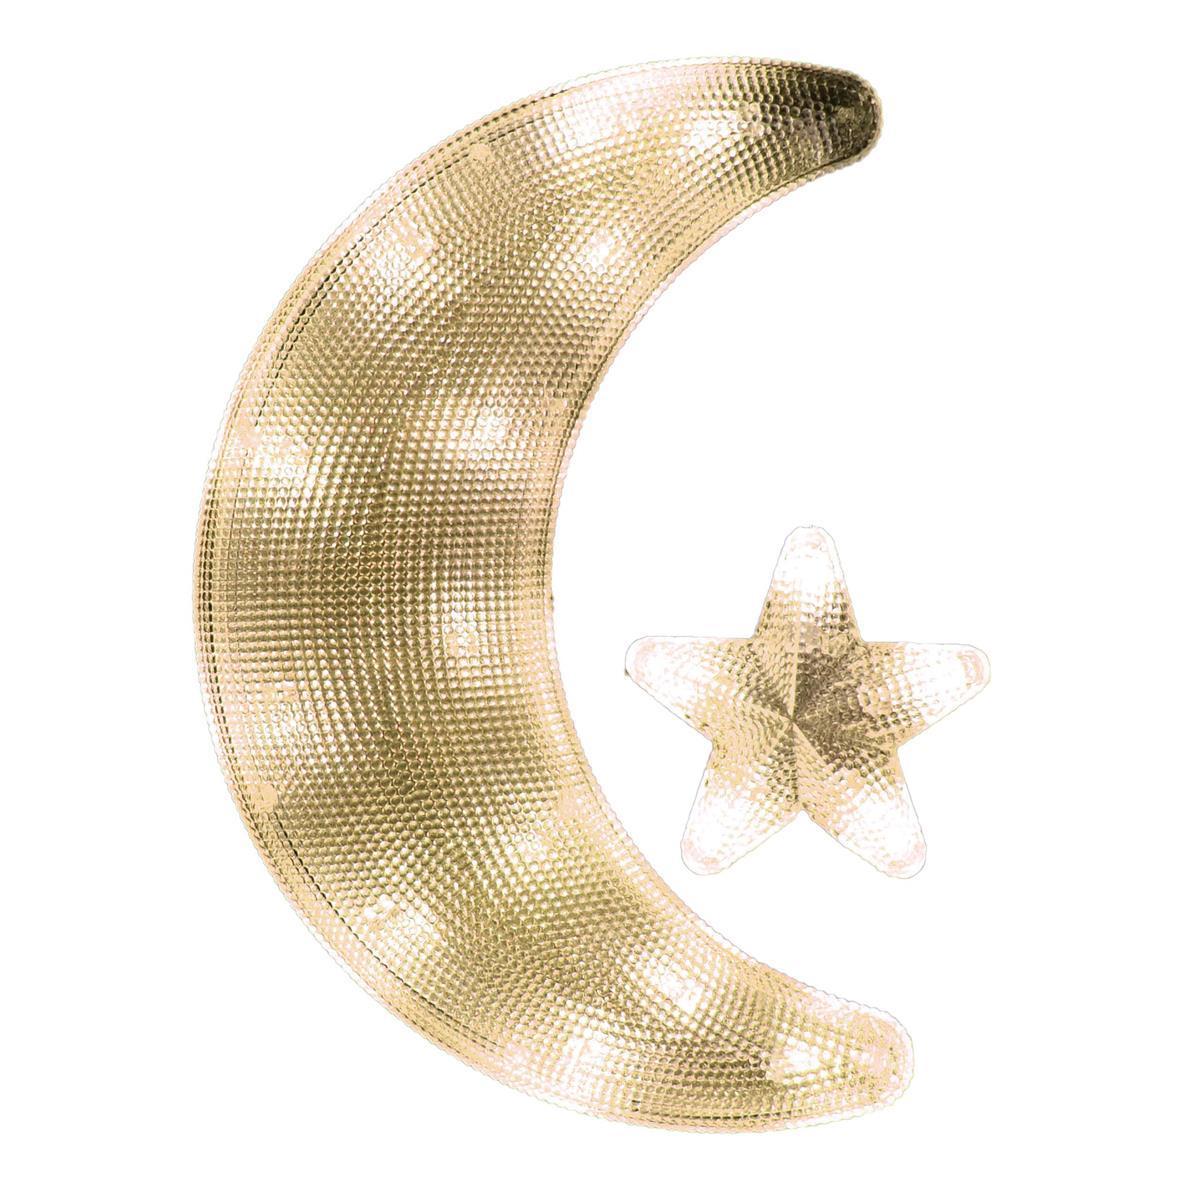 Fensterbild Mond mit Stern 18 LED warm weiß Weihnachten Weihnachtsdeko Batterie